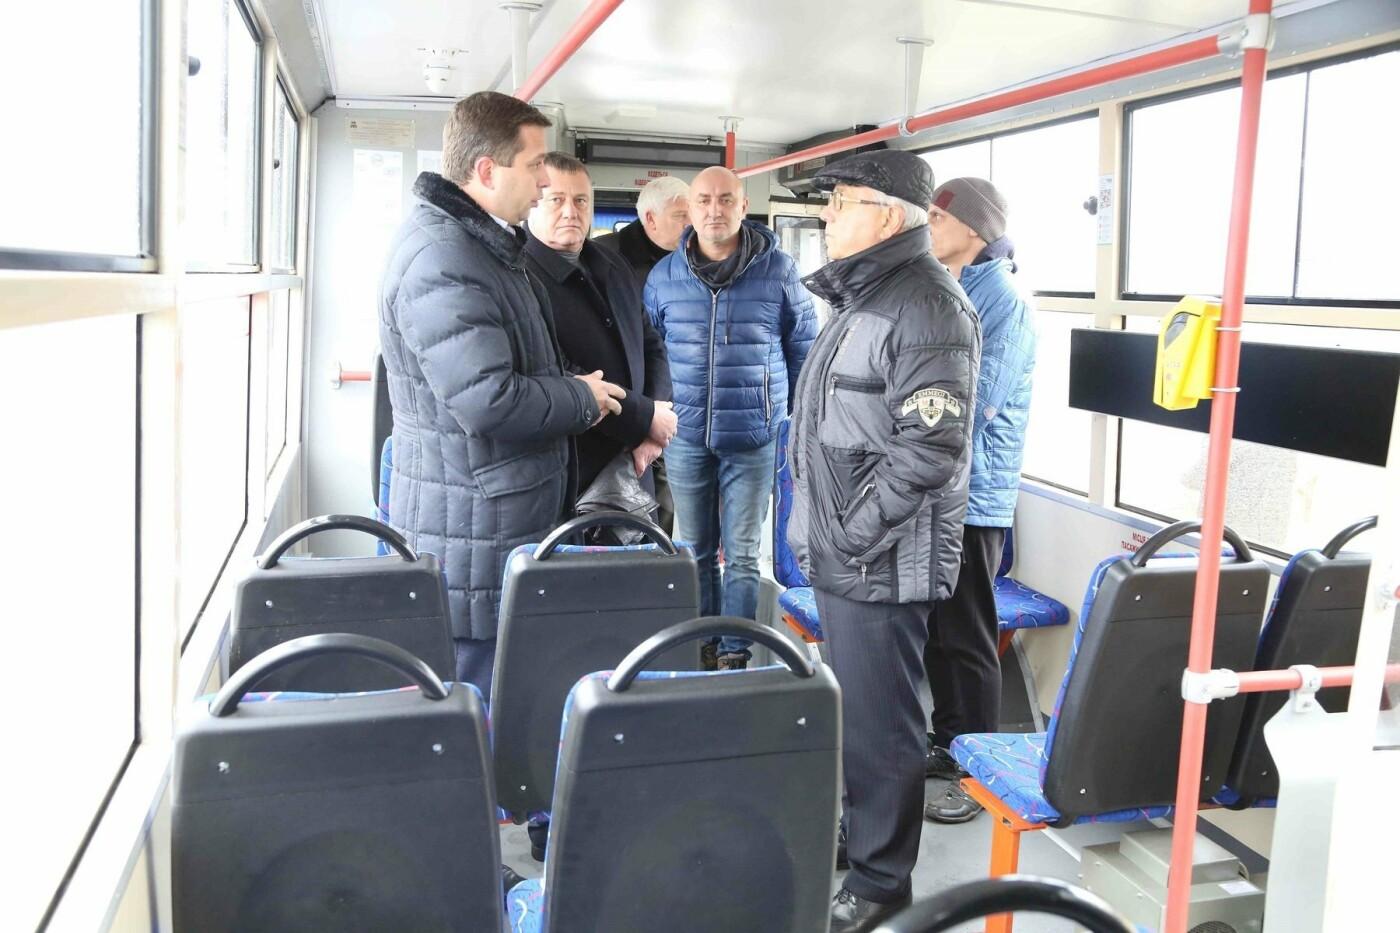 В Кривом Роге на линию вышел восьмой гибридный троллейбус, - ФОТО , фото-2